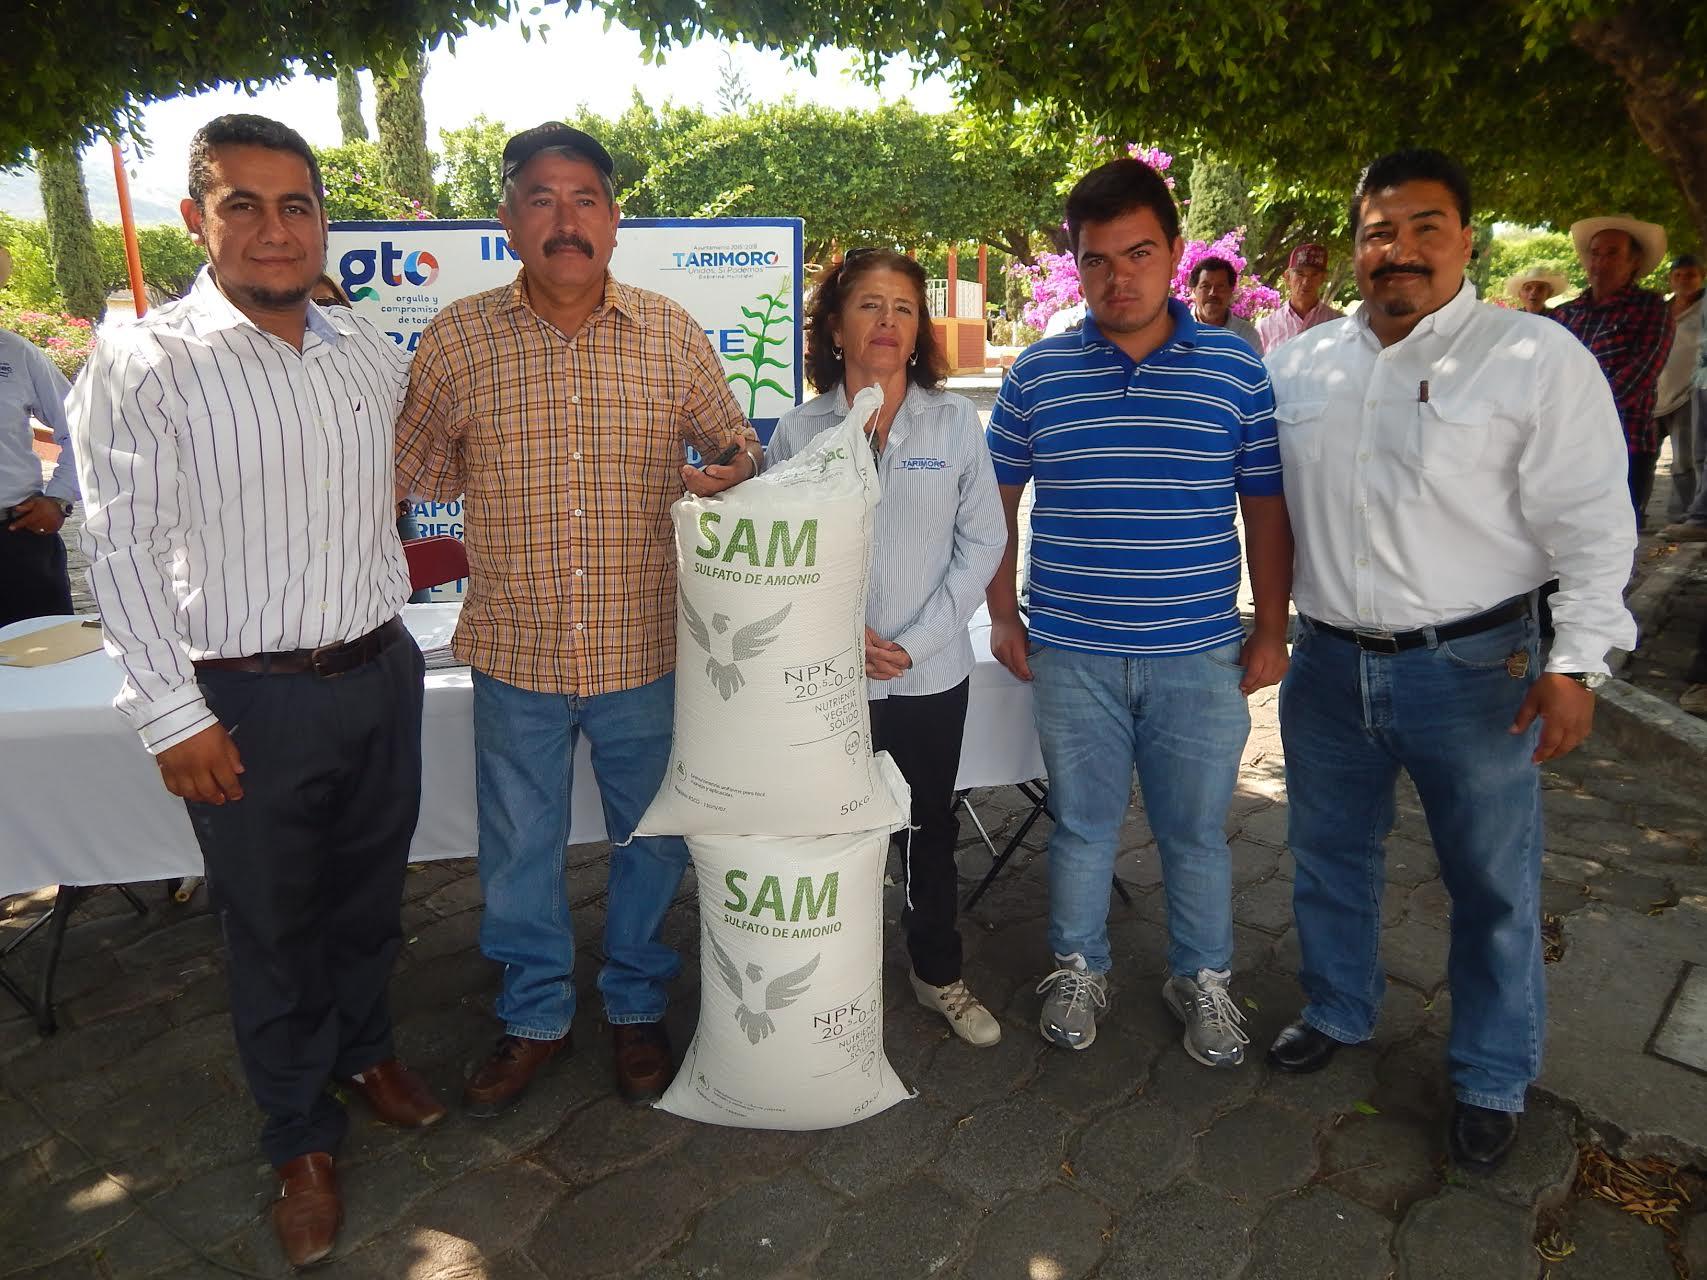 Posteriormente se hizo la entrega del fertilizante a los beneficiarios.